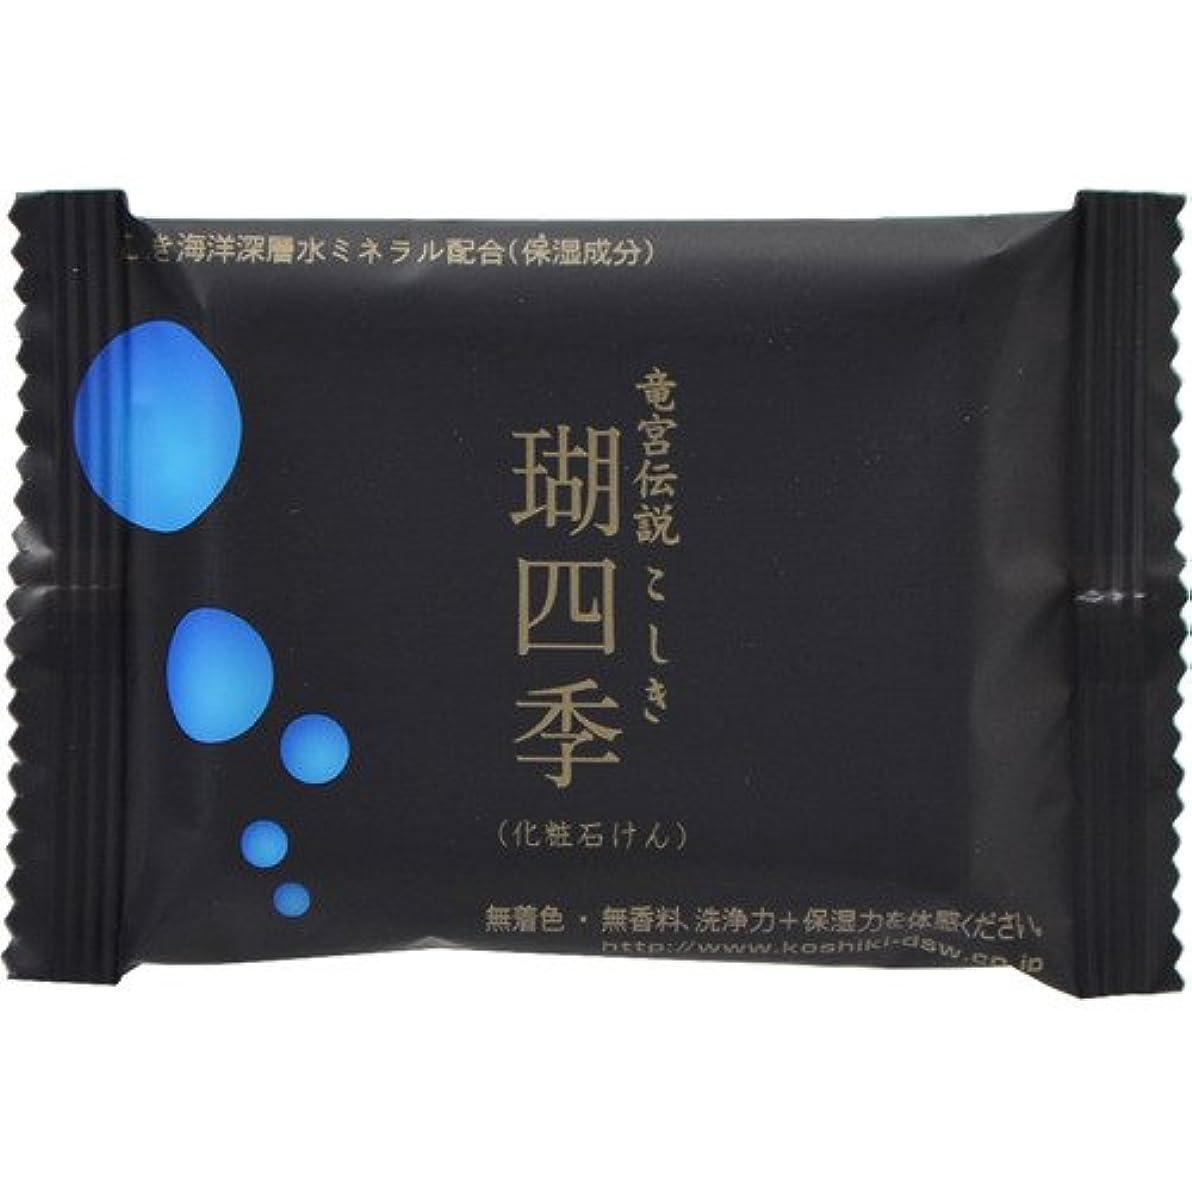 待って占めるスツール瑚四季 化粧石鹸 30g